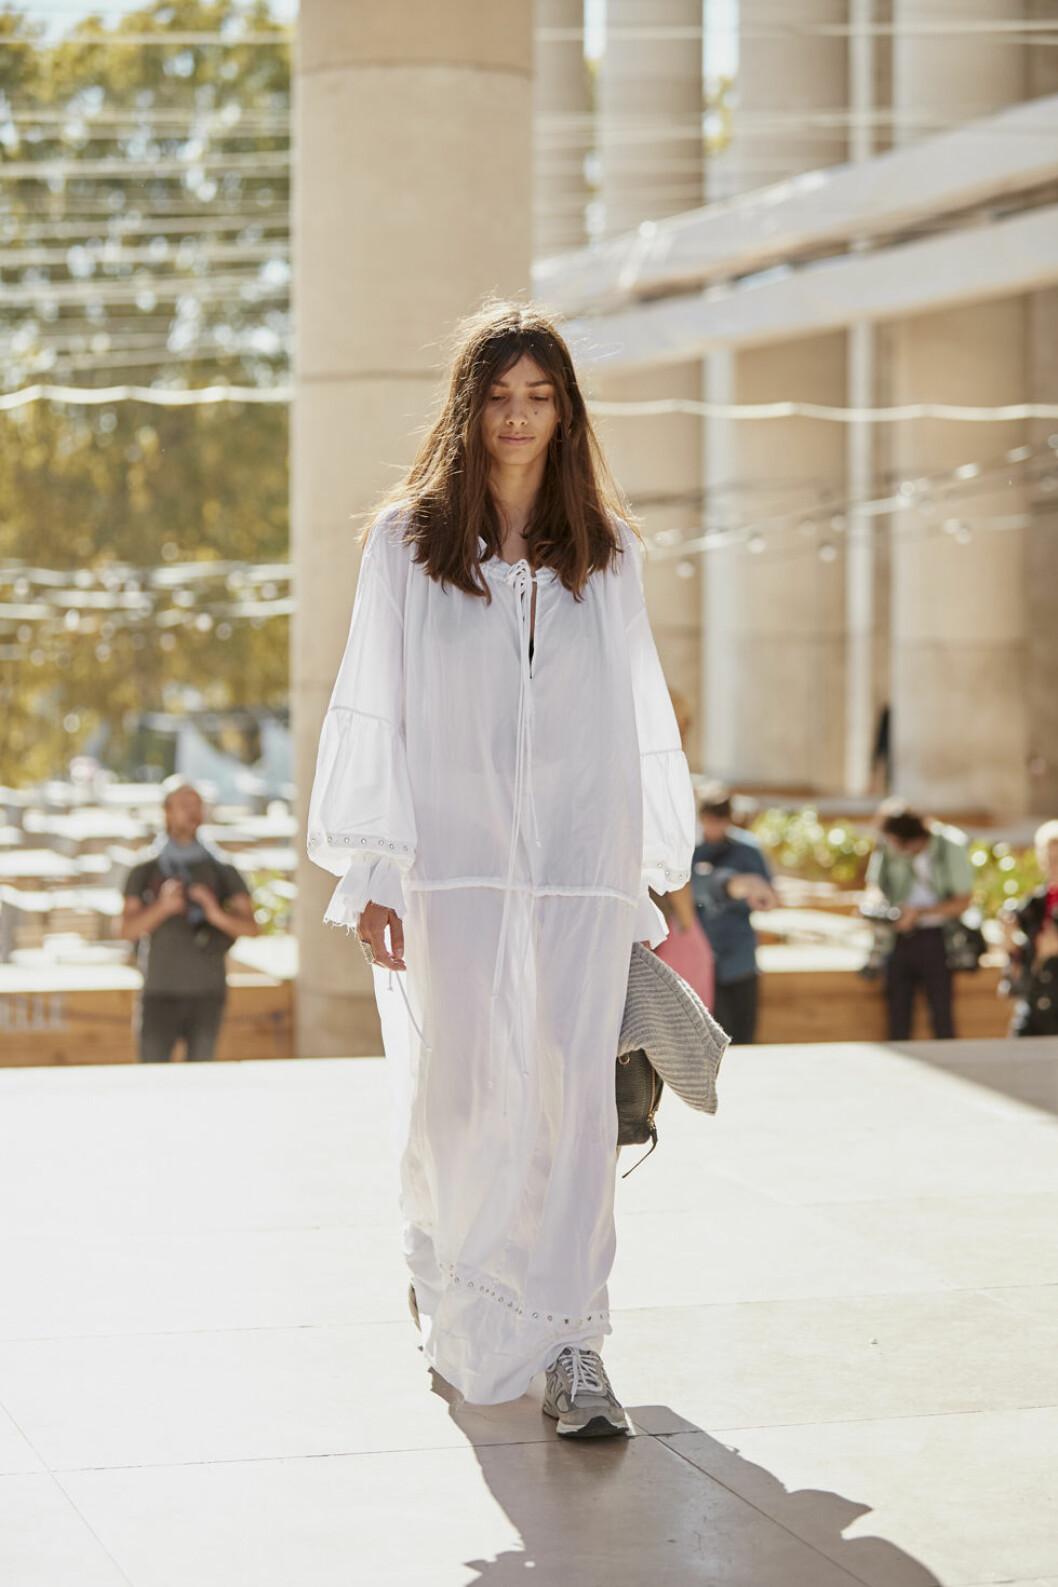 Vit klänning från Paris modevecka.